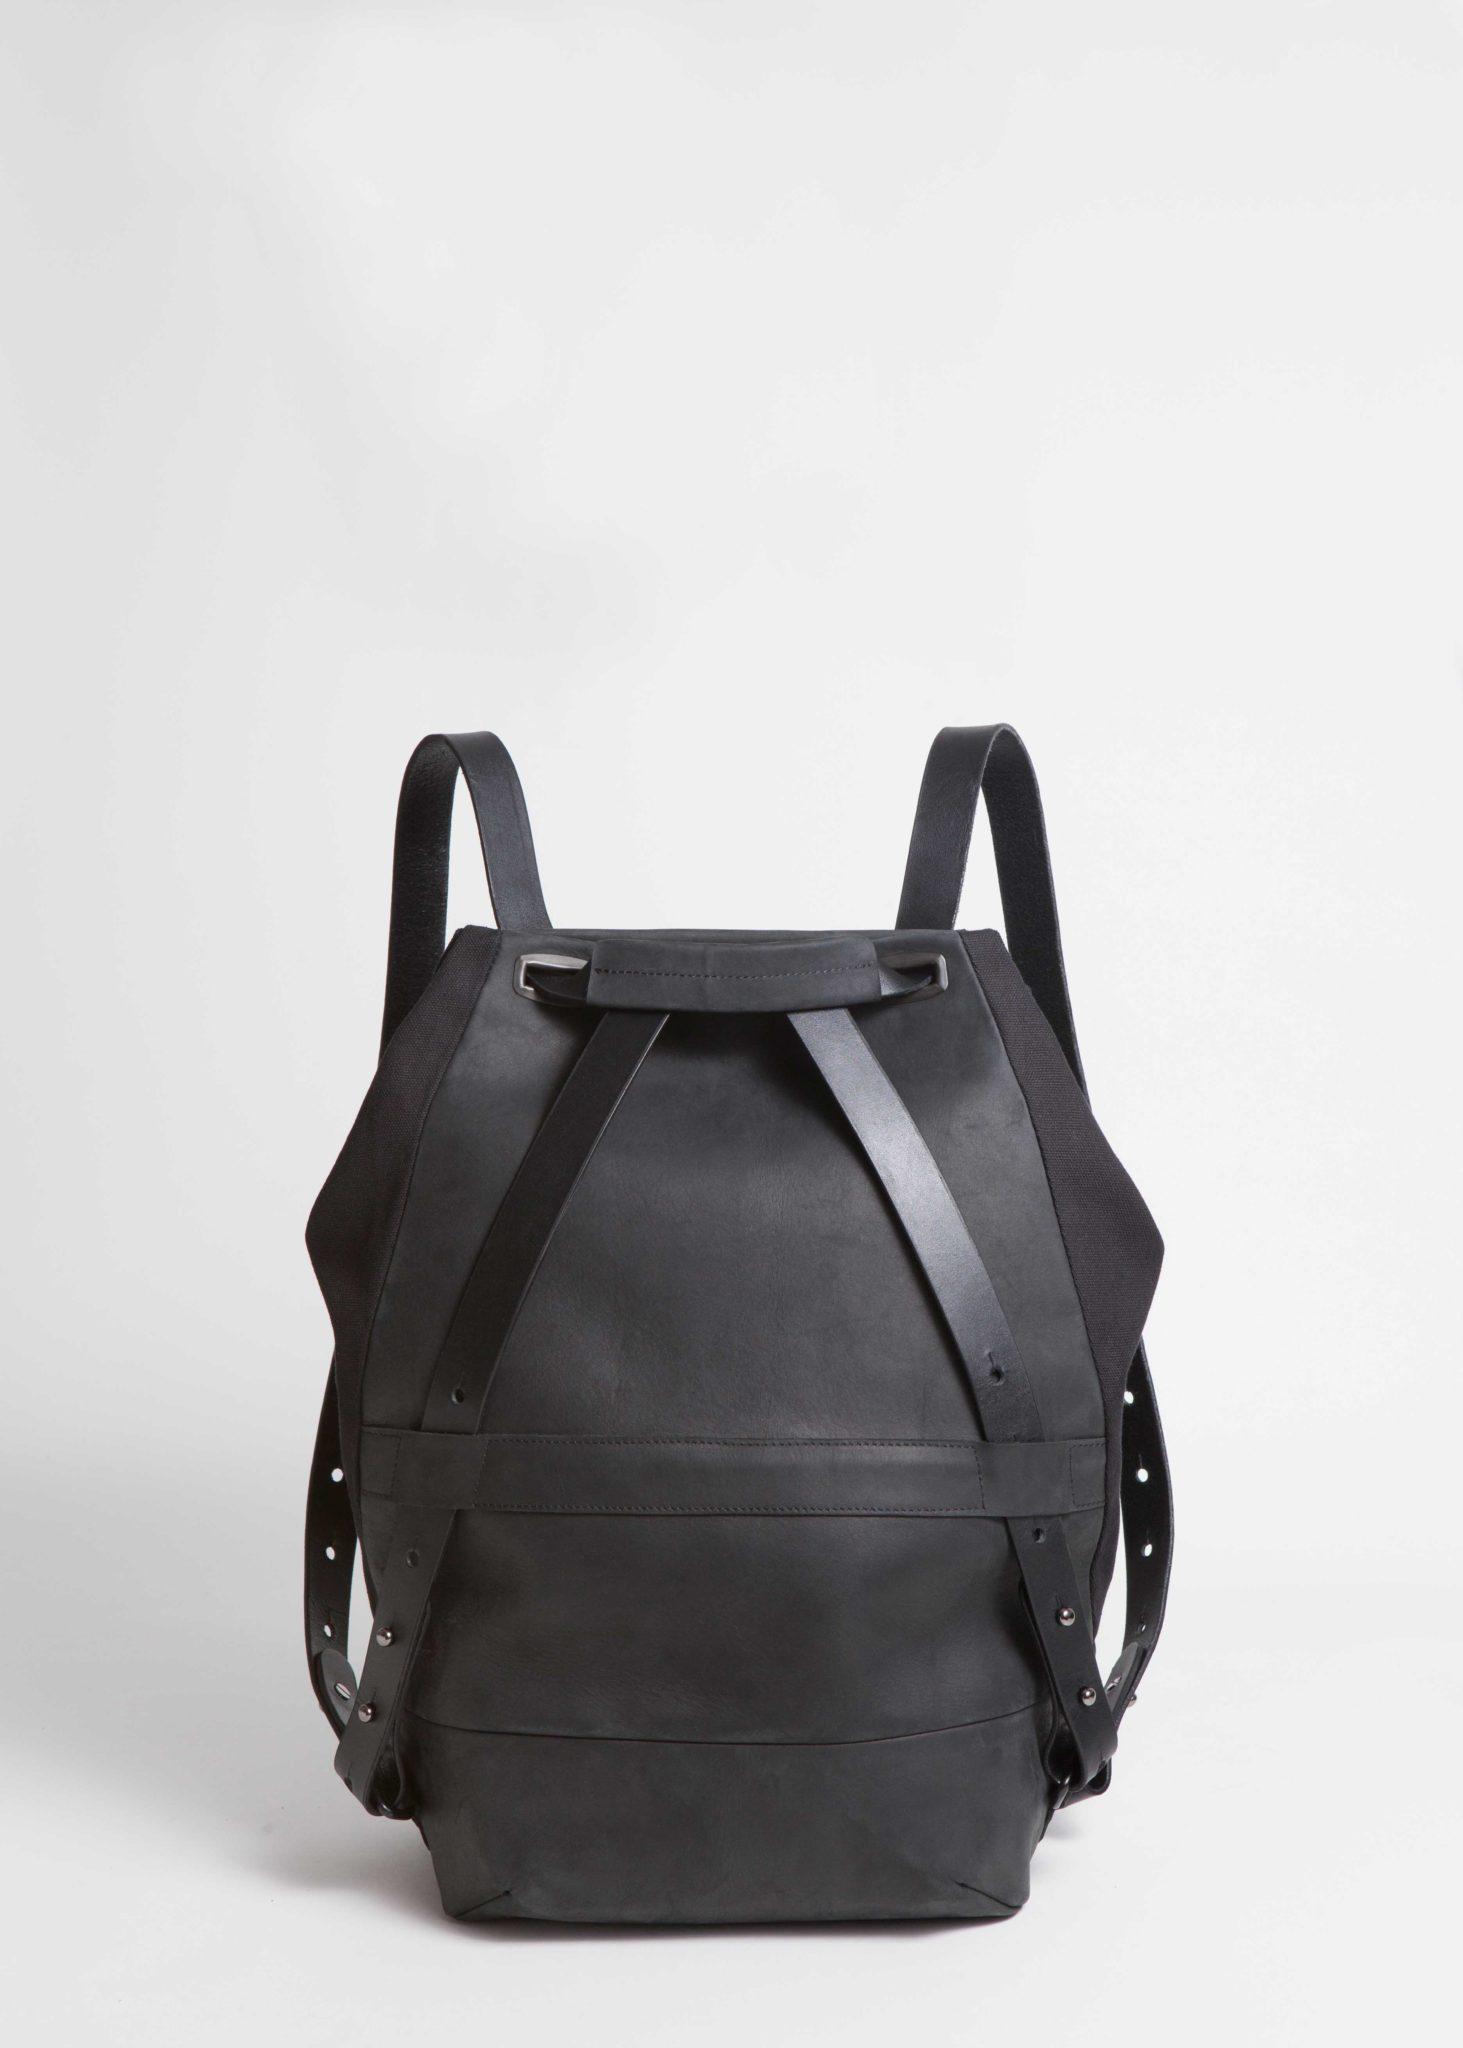 Bag Bag Sakhe Kas Gubu Gubu Vajtay Dj Gane | Keizer Sub Shop